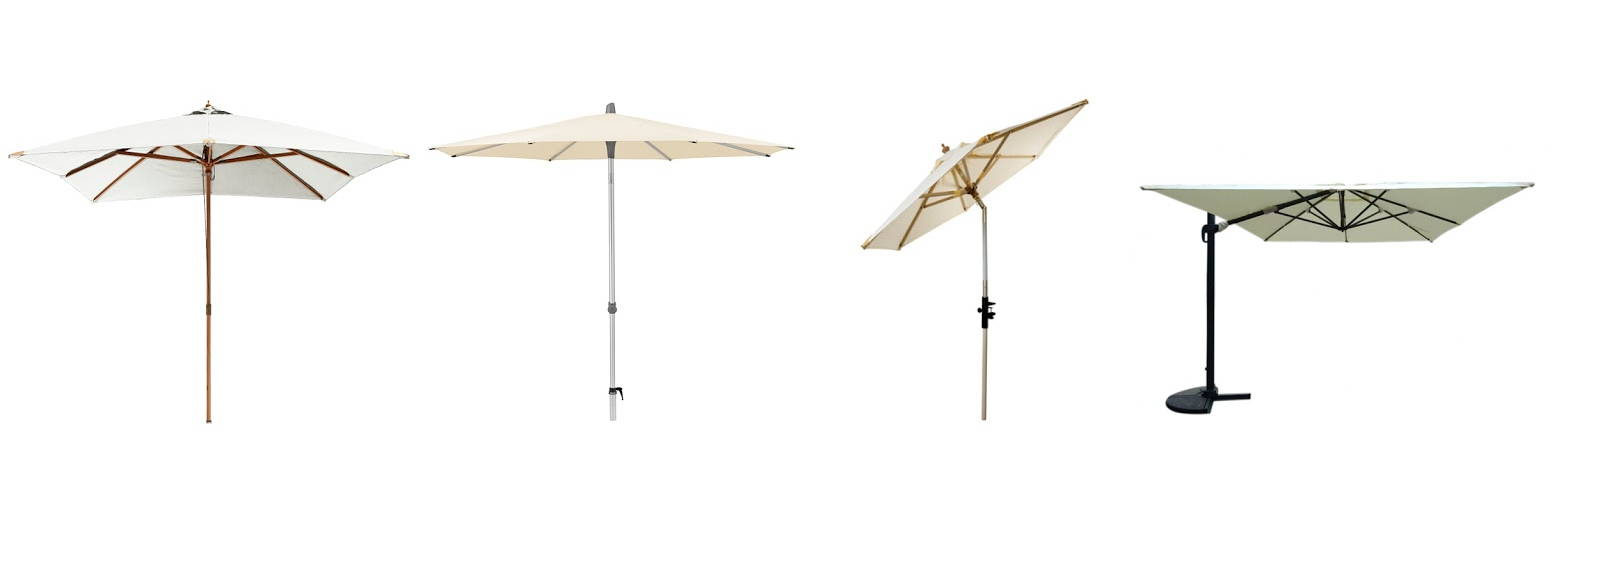 Forskellige typer af parasoller